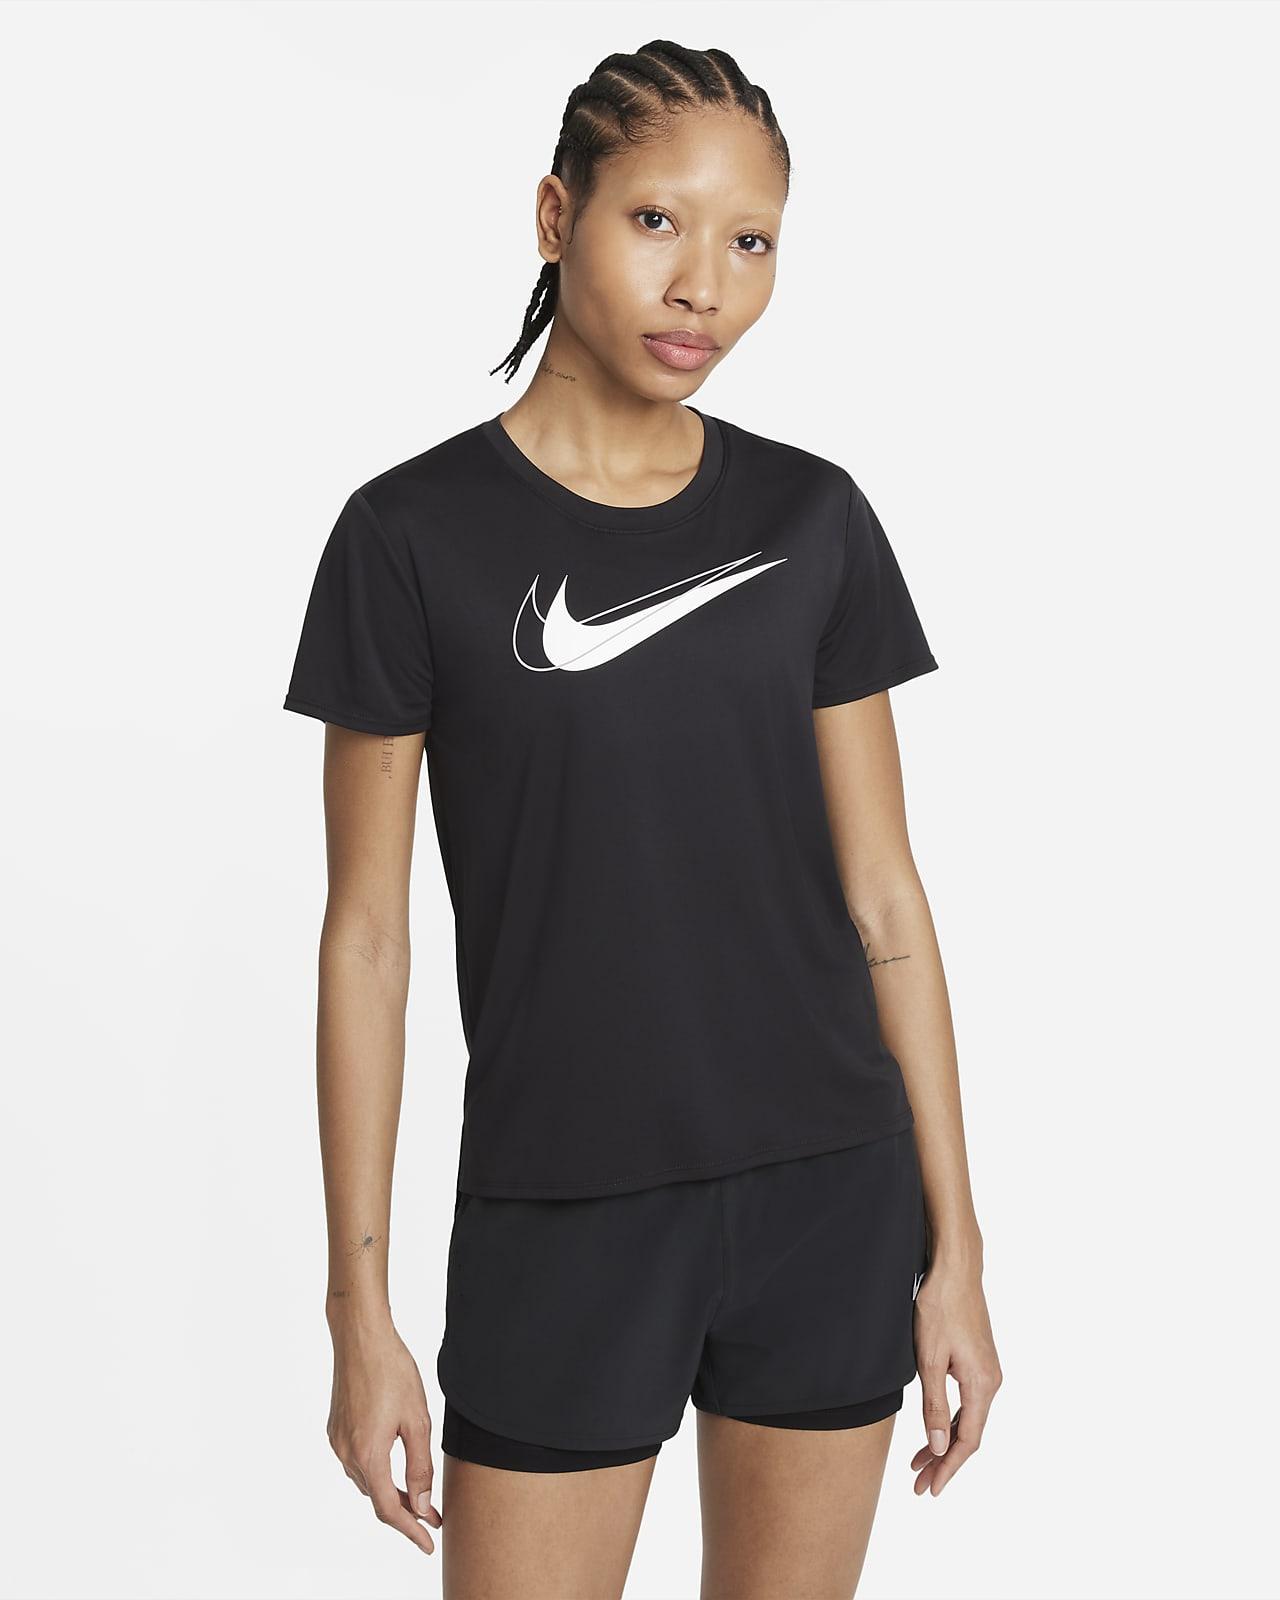 Löpartröja Nike Dri-FIT Swoosh Run för kvinnor